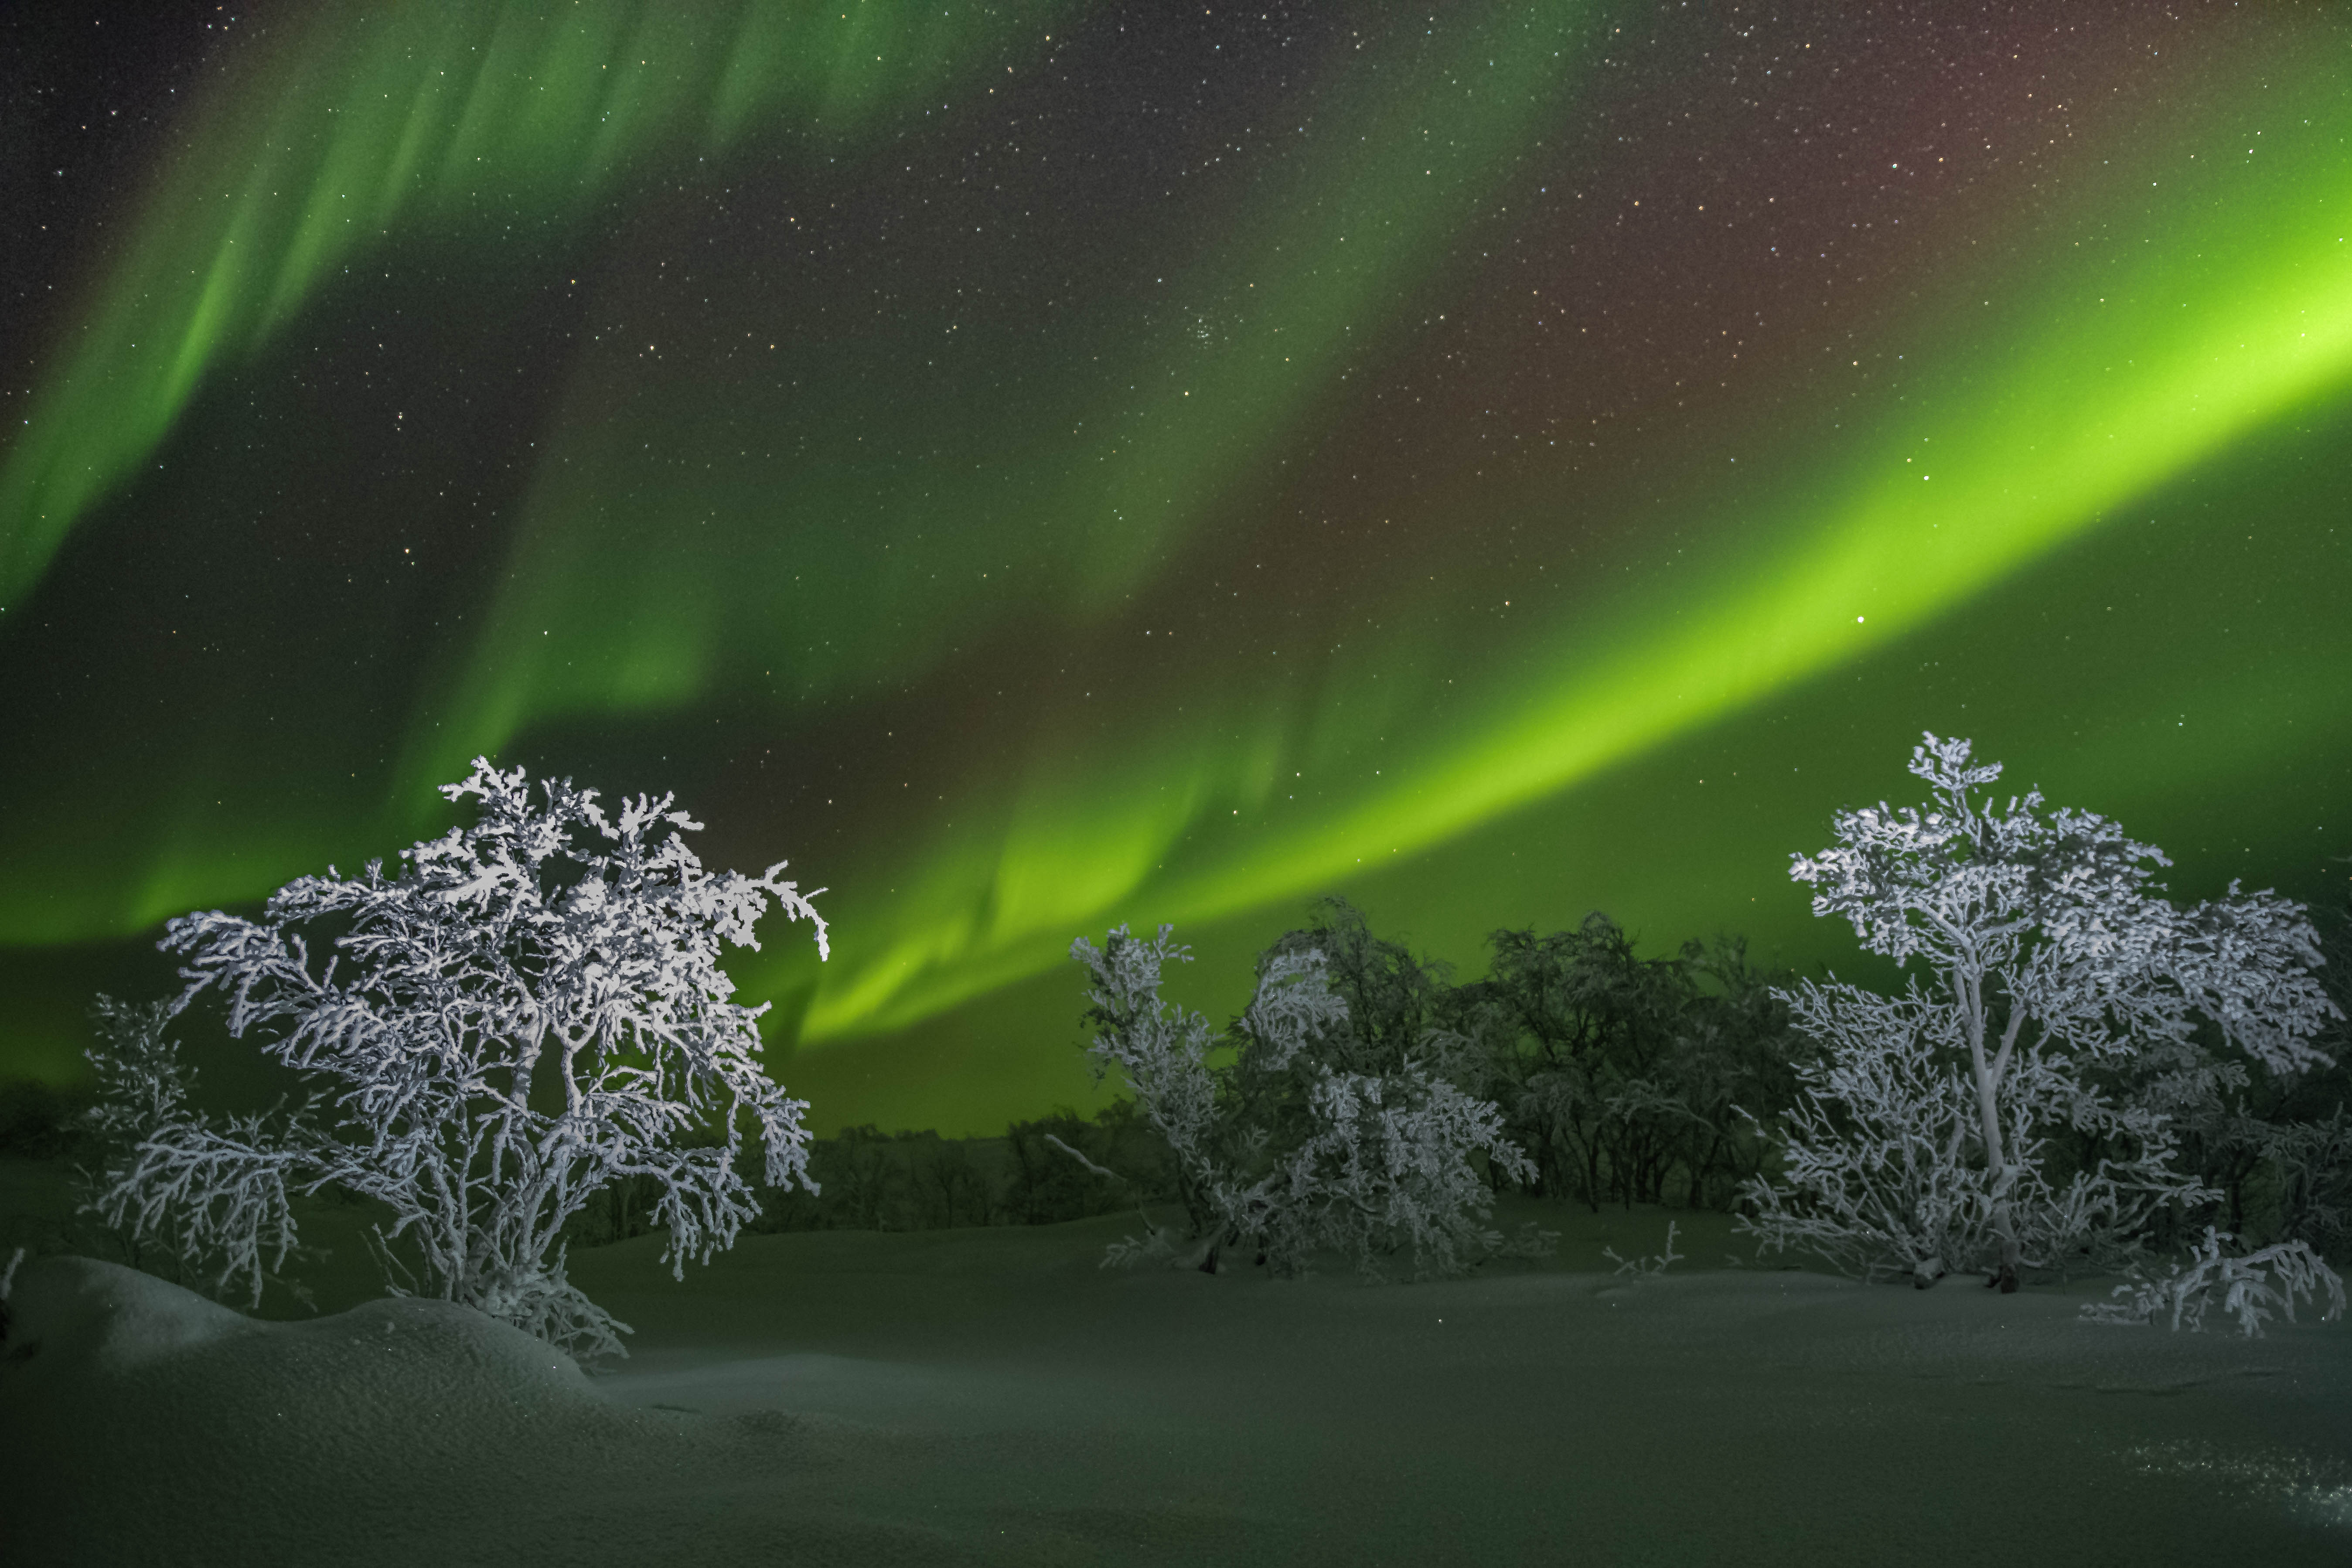 Ночь, Северное сияние, Кольский полуостров, полярная ночь, Kaverin Sergey